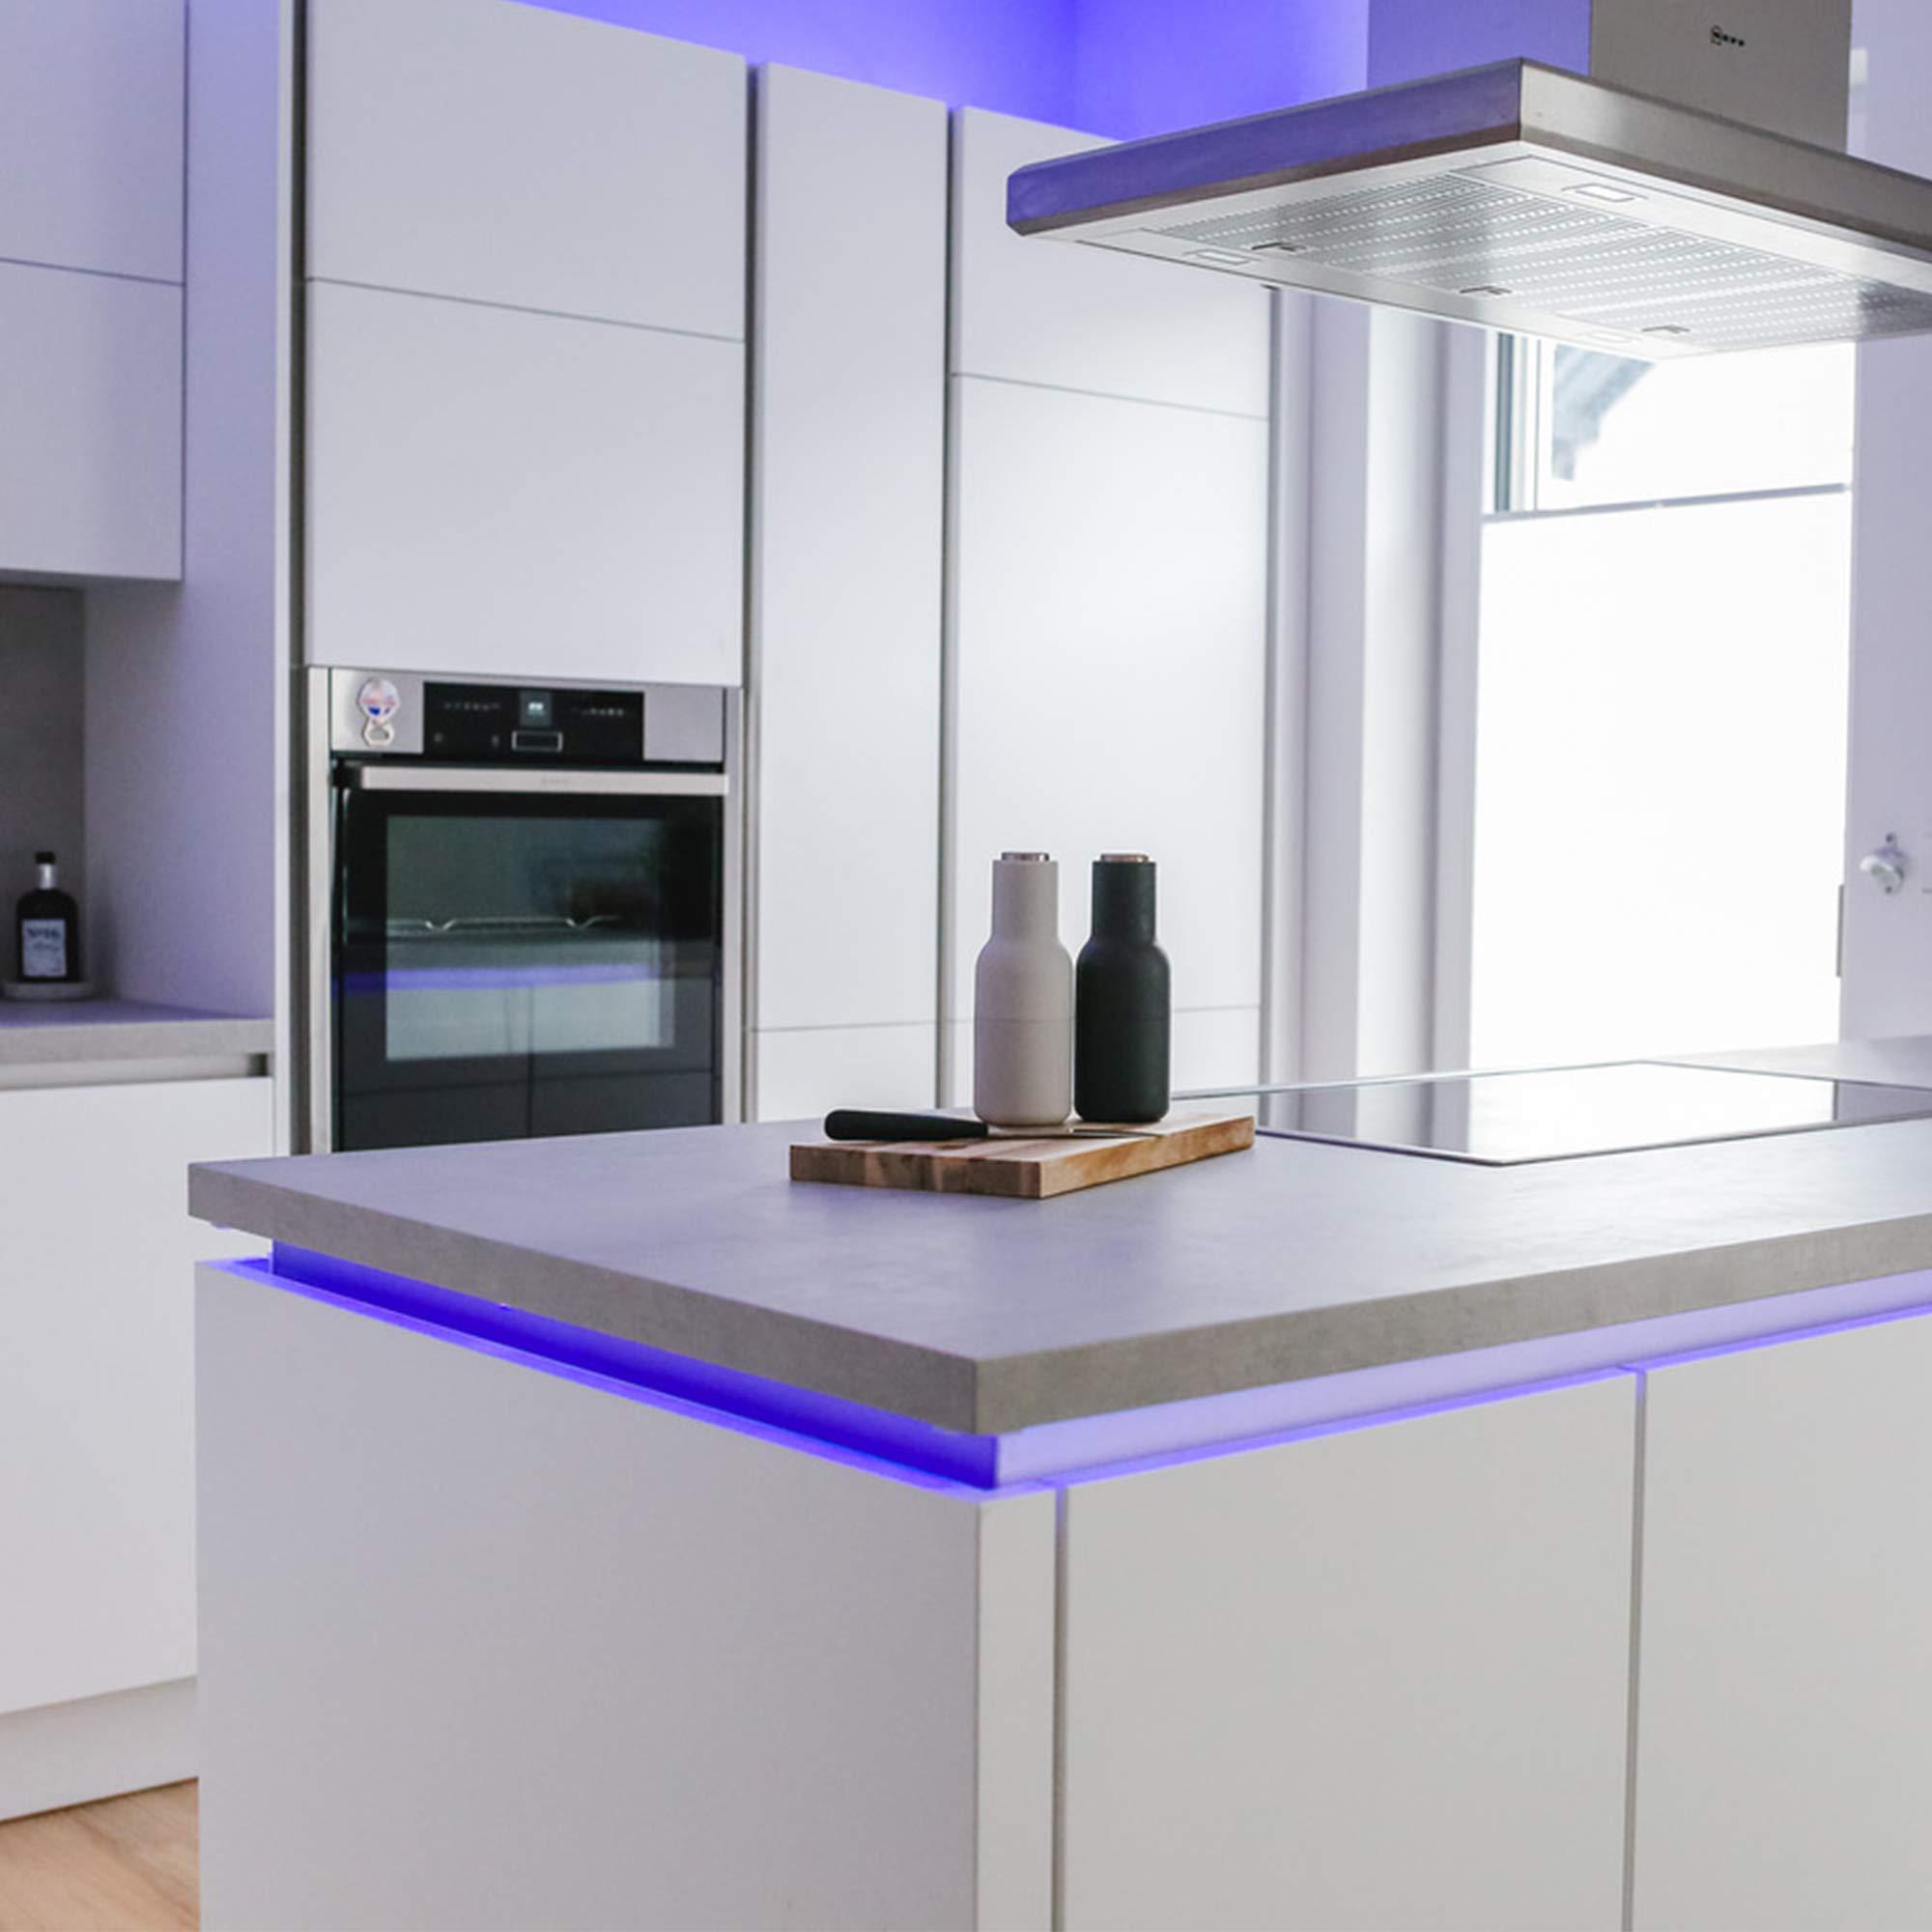 B.K Licht Ruban /à LED Multicolore 5m I guirlande lumineuse I ruban adh/ésif lumi/ère d/écorative blanche et multicolore I /éclairage int/érieur I IP20 I 24W I longueur 5m